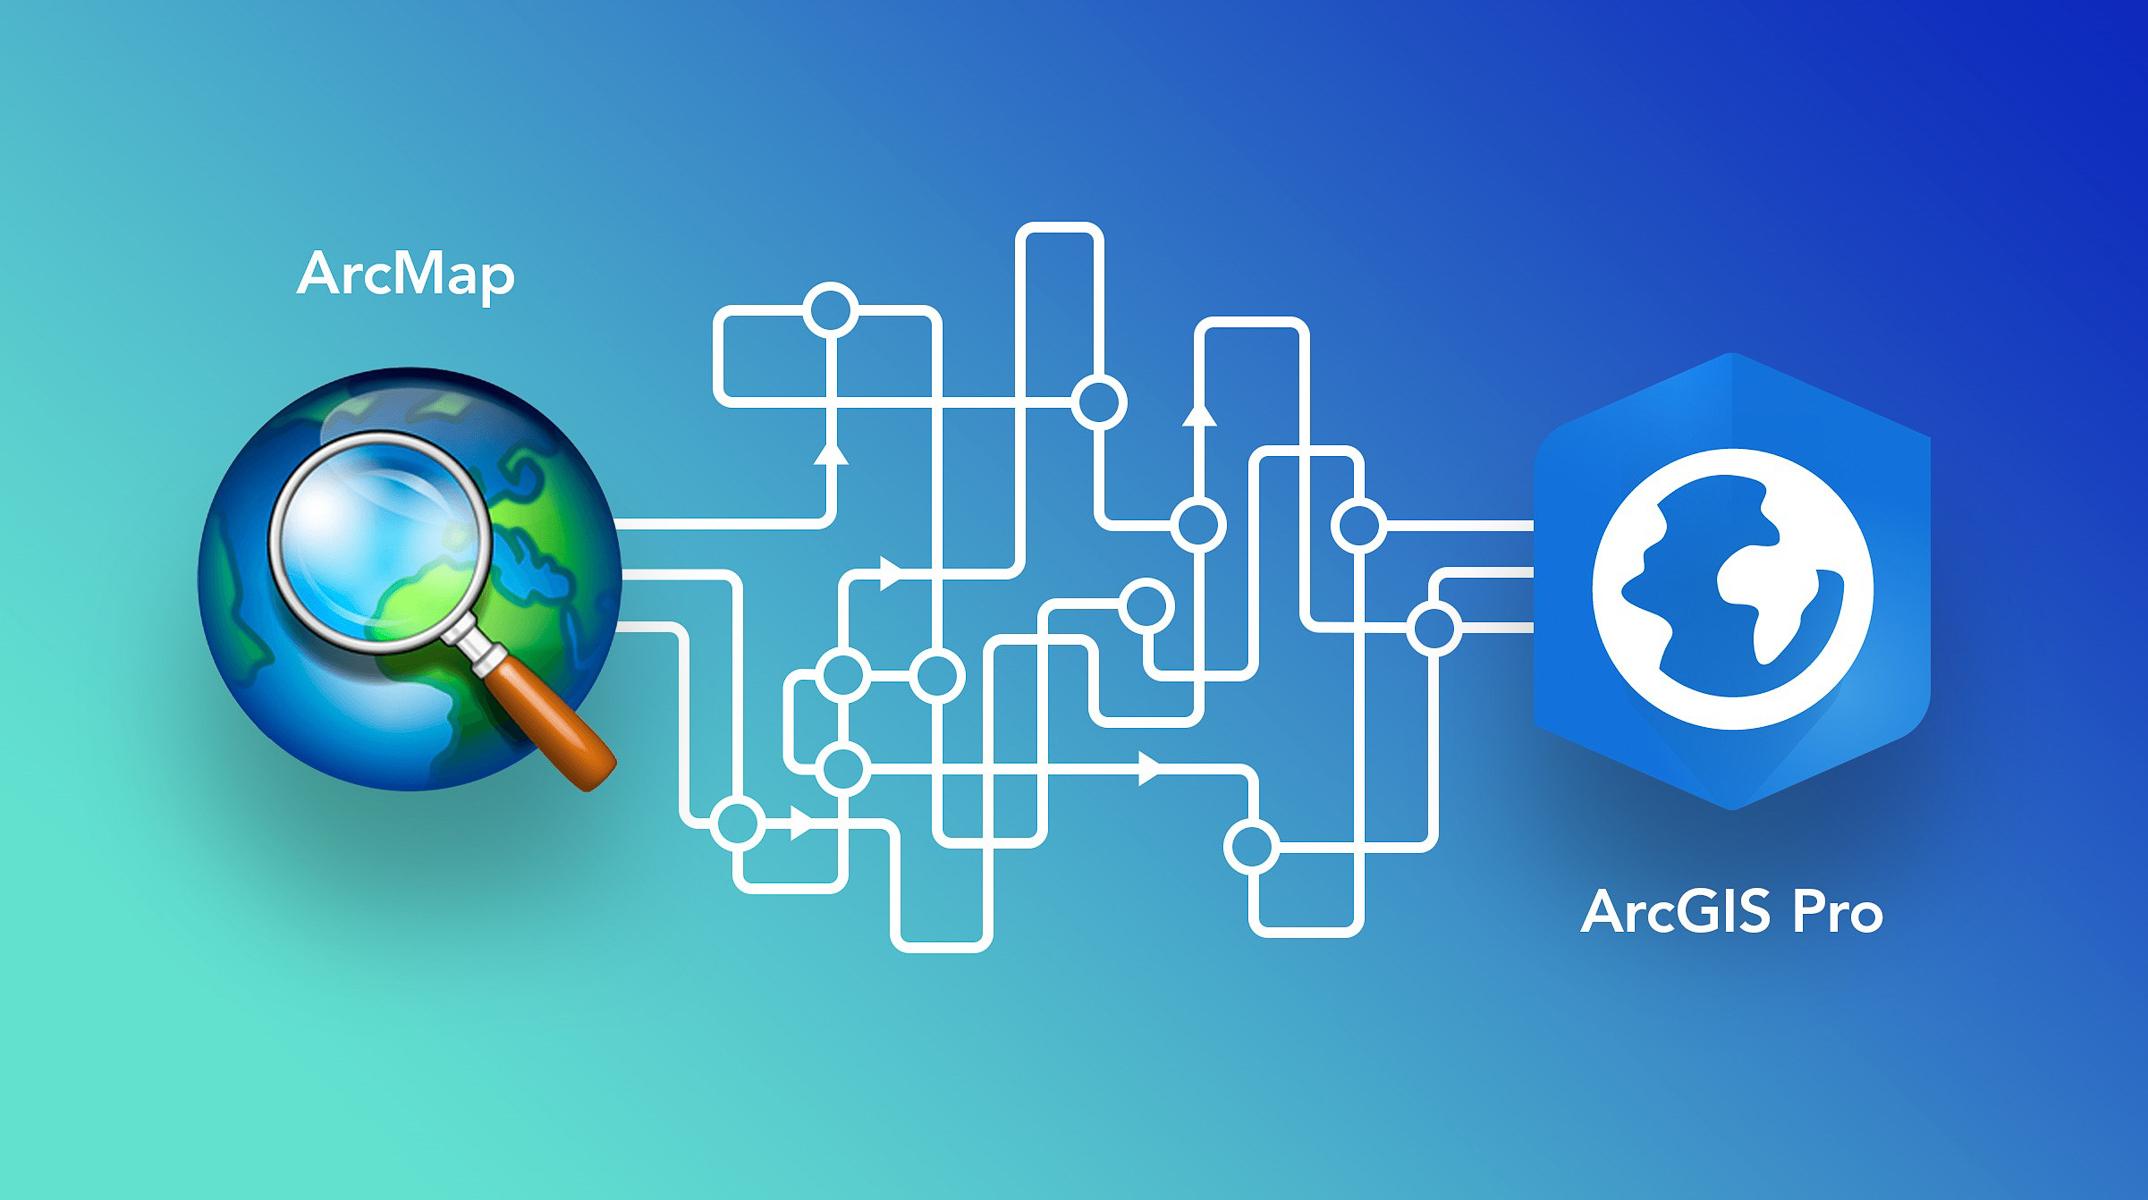 Byt över från ArcMap till ArcGIS Pro